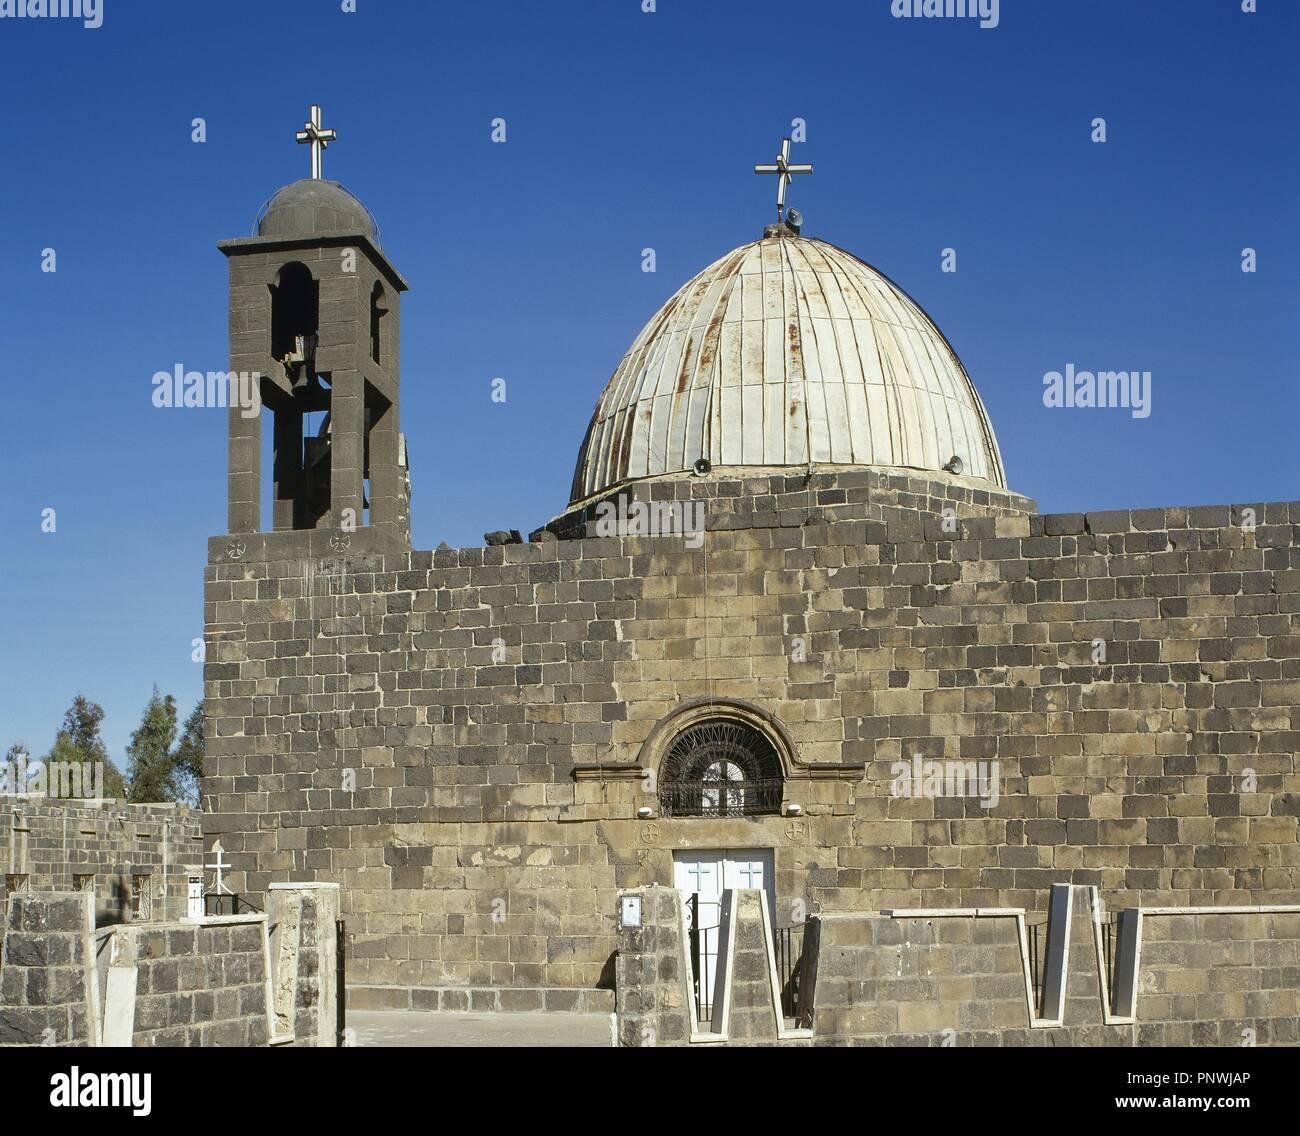 SIRIA. Esdra. Vista generale de la Iglesia de San Jorge (MAR GEORGIS), en cuyo interior, según la leyenda se encuentra enterrado San Jorge, muy venerado por los cristianos de Oriente Medio. Immagini Stock